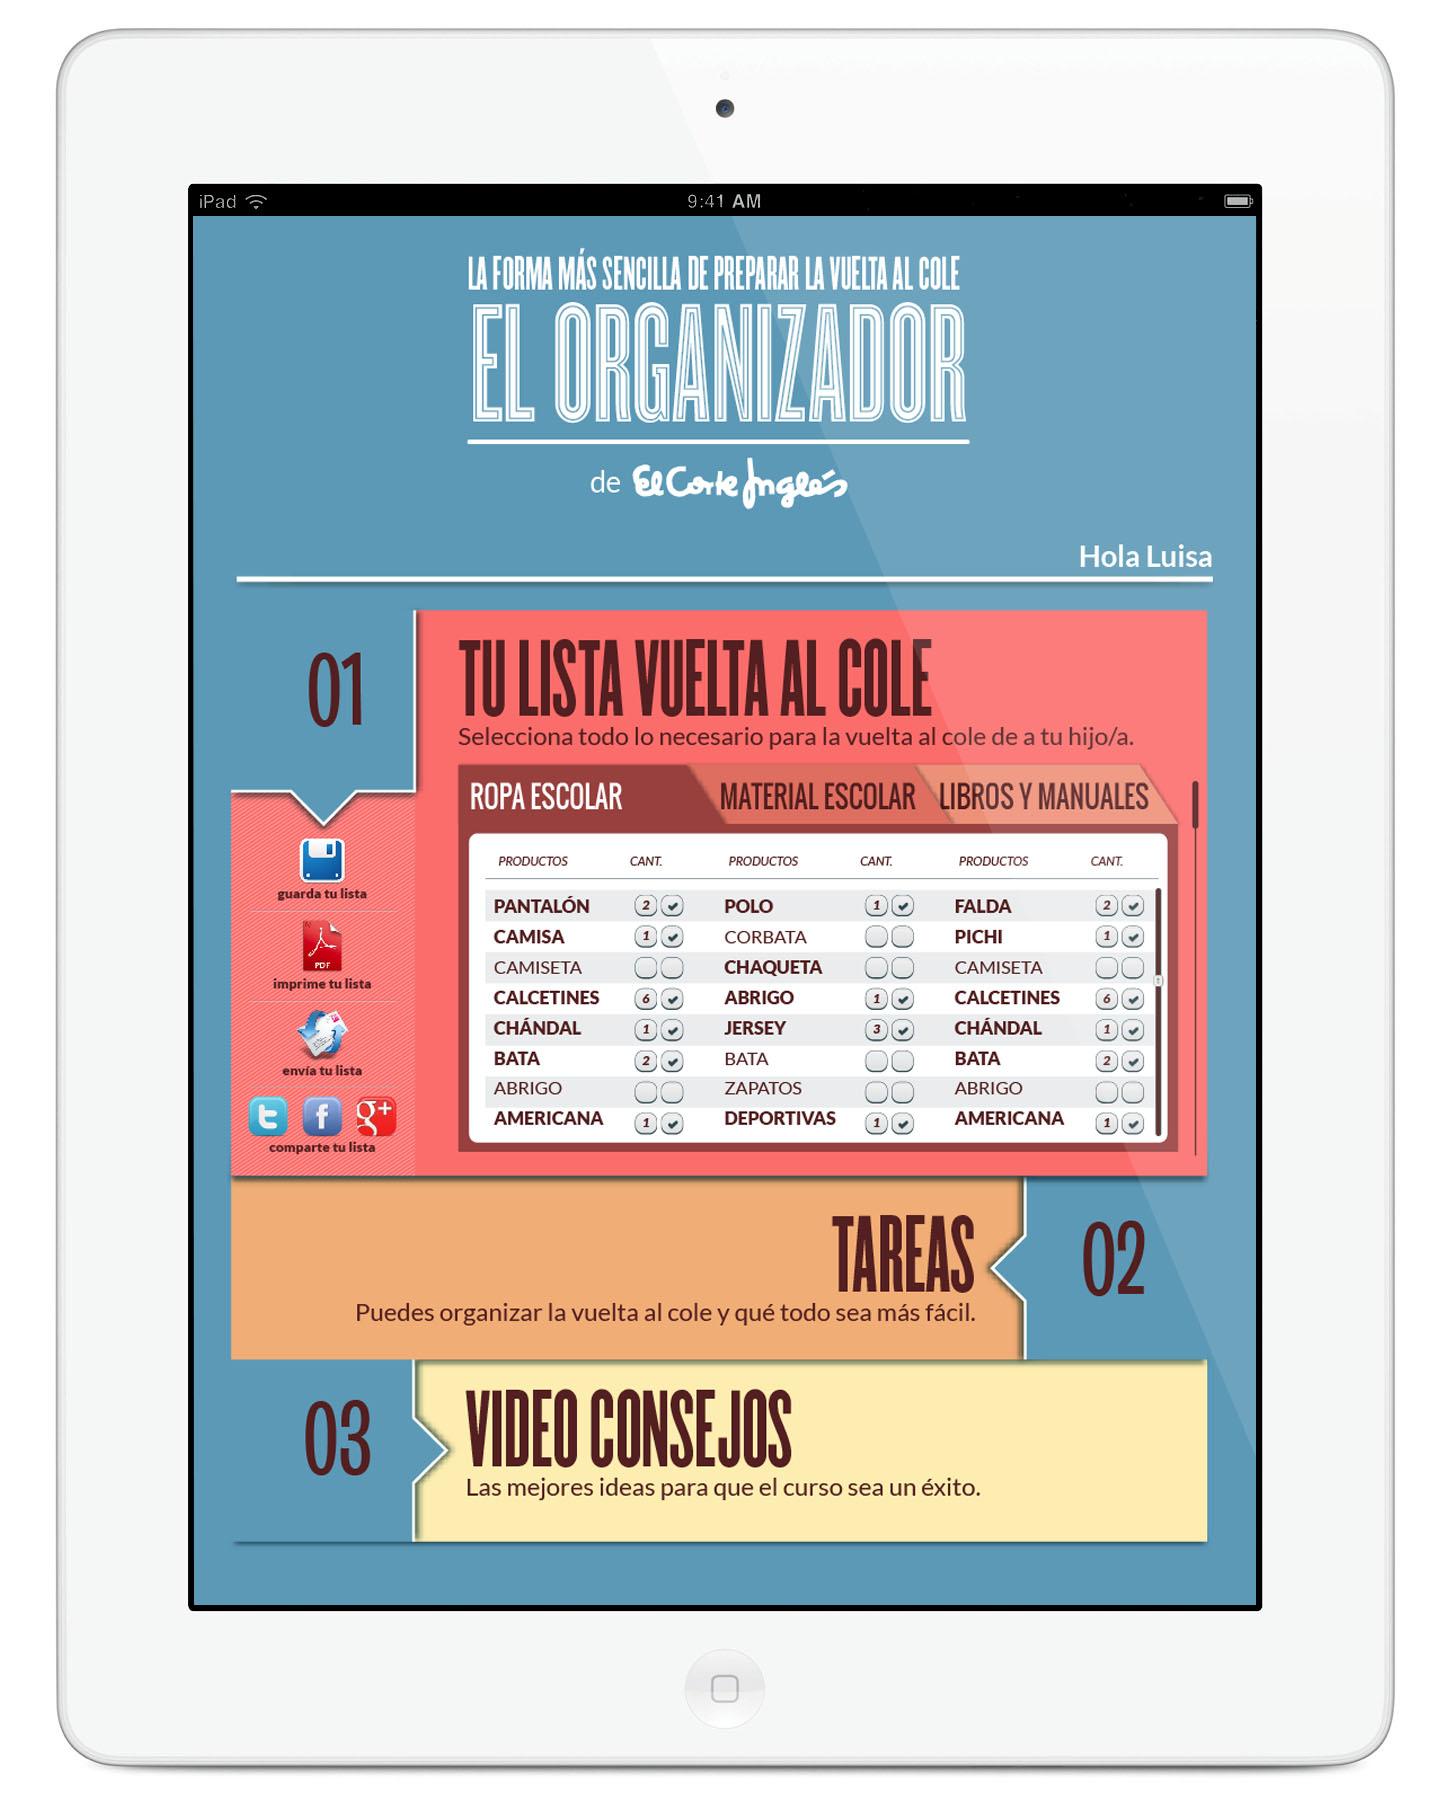 Organizador_02